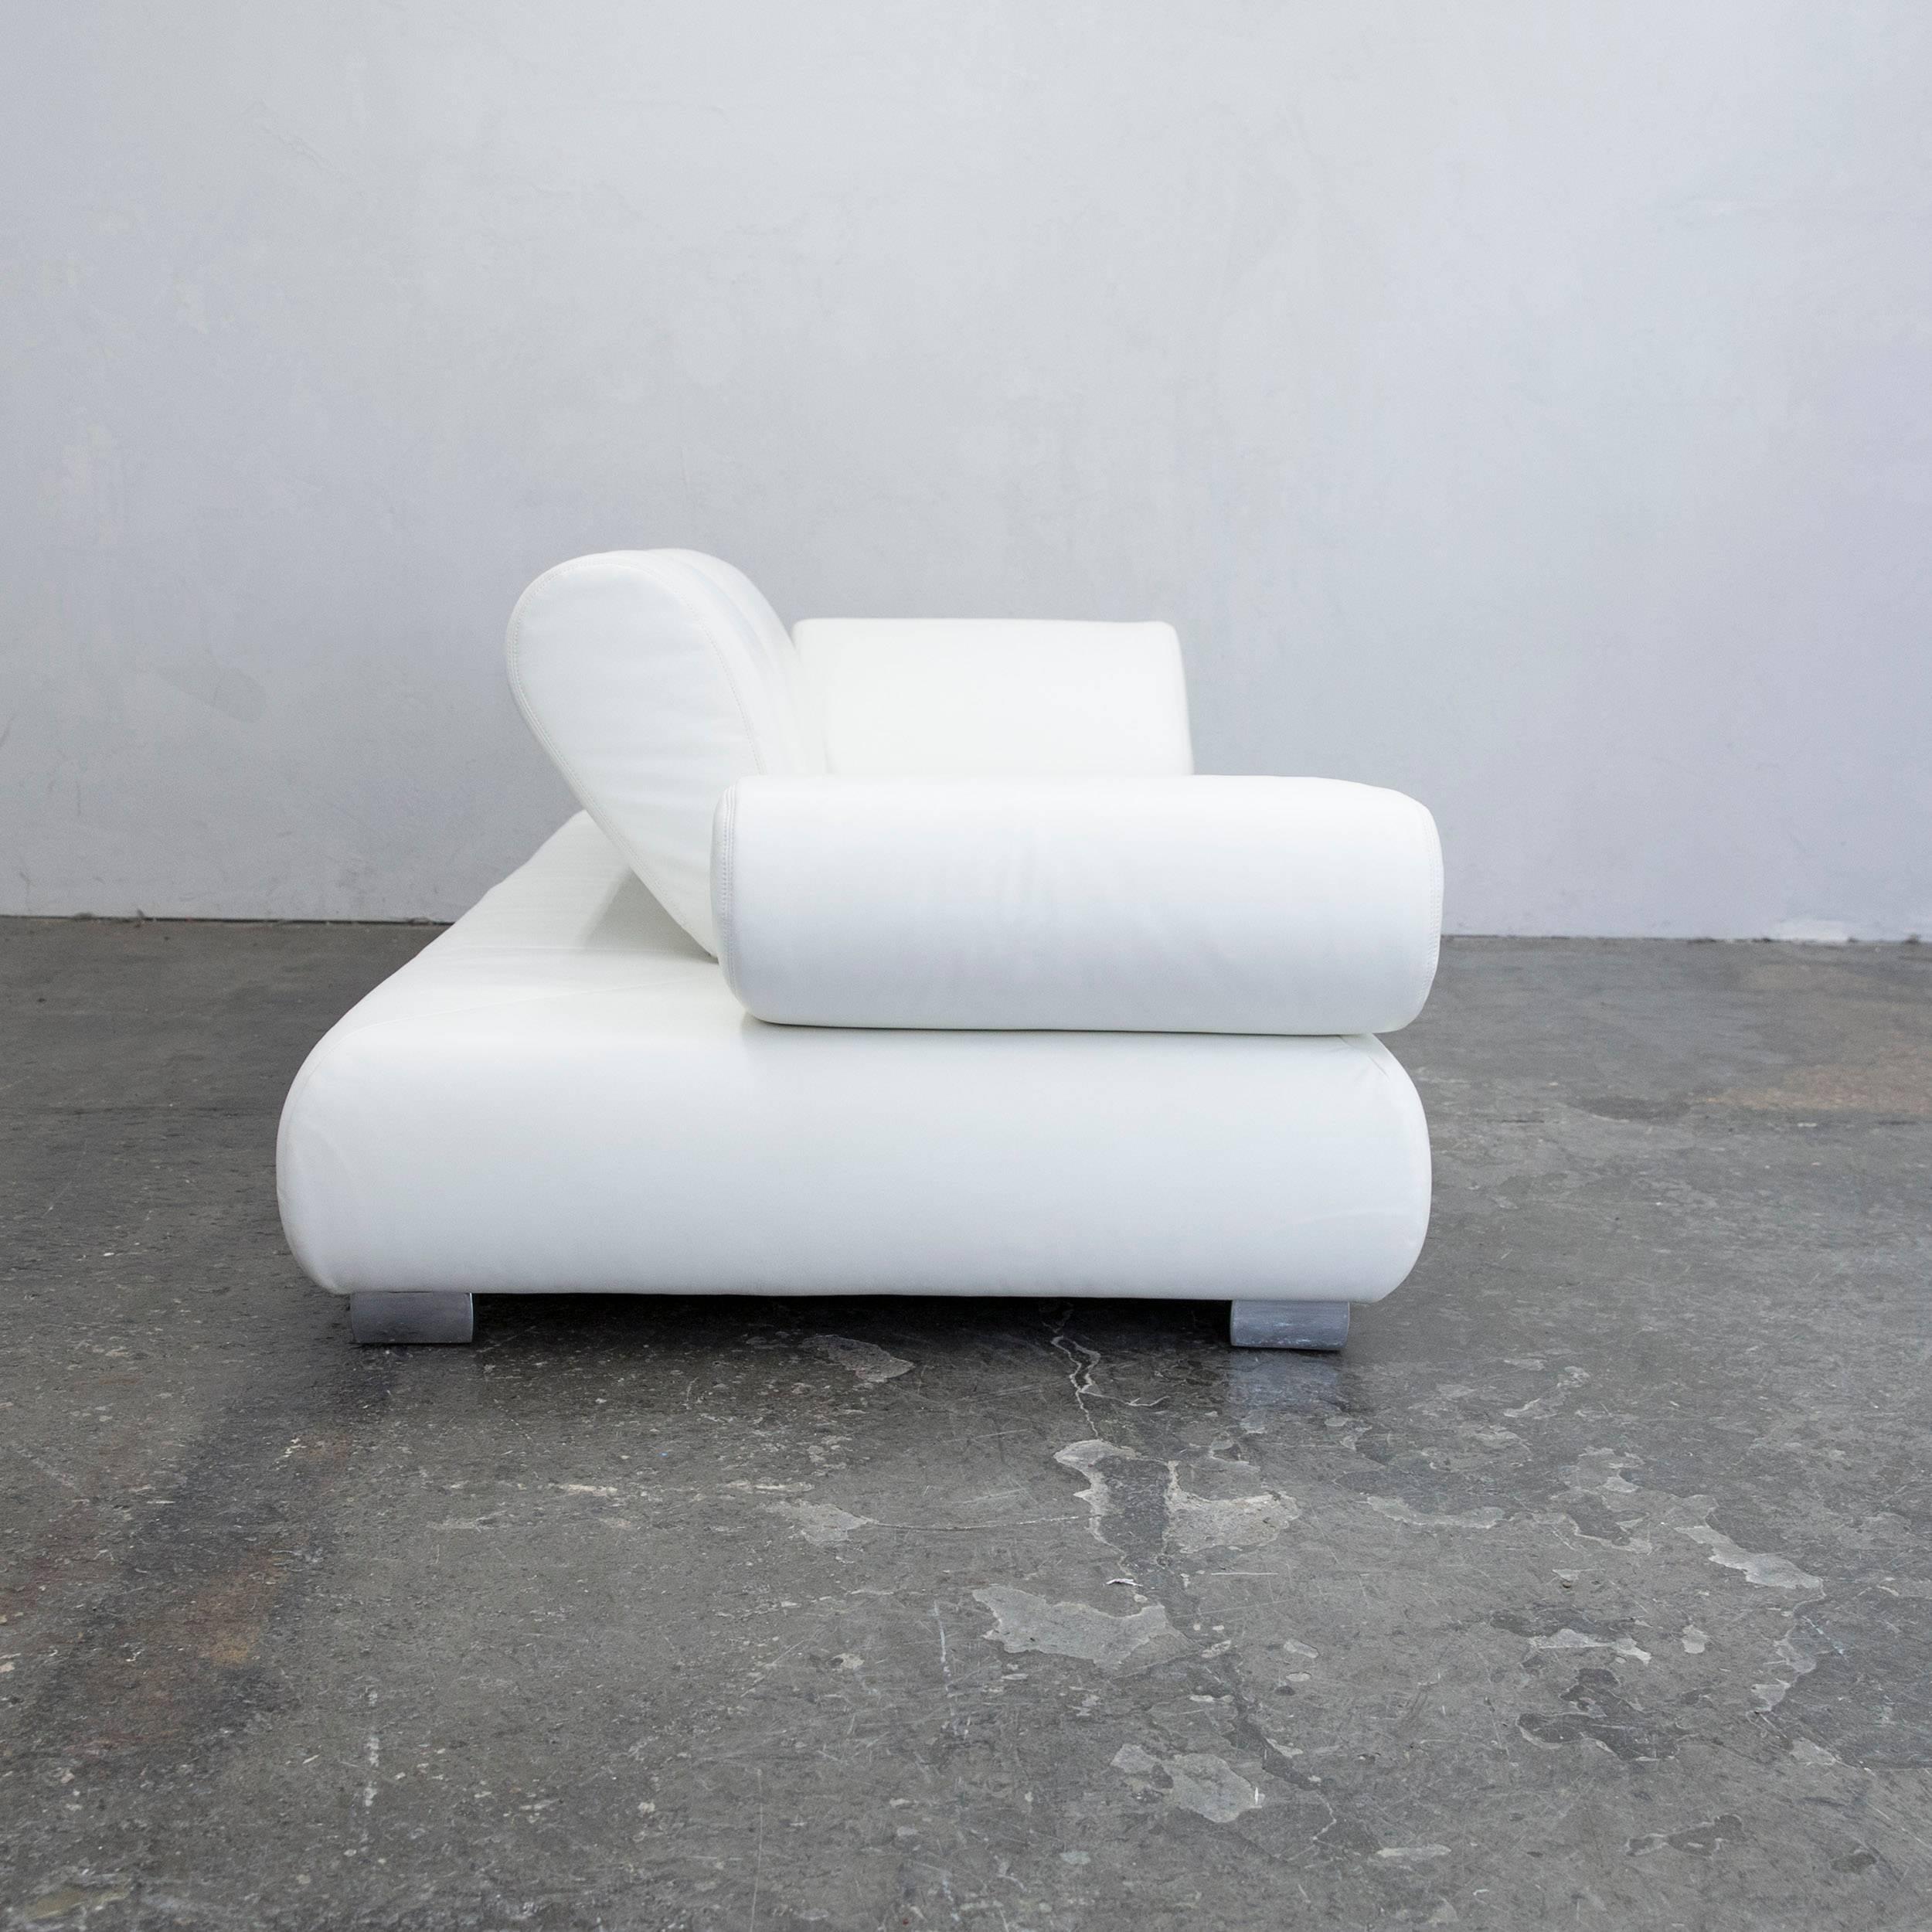 design sofa leder inch sofa table elegant top ergebnis. Black Bedroom Furniture Sets. Home Design Ideas